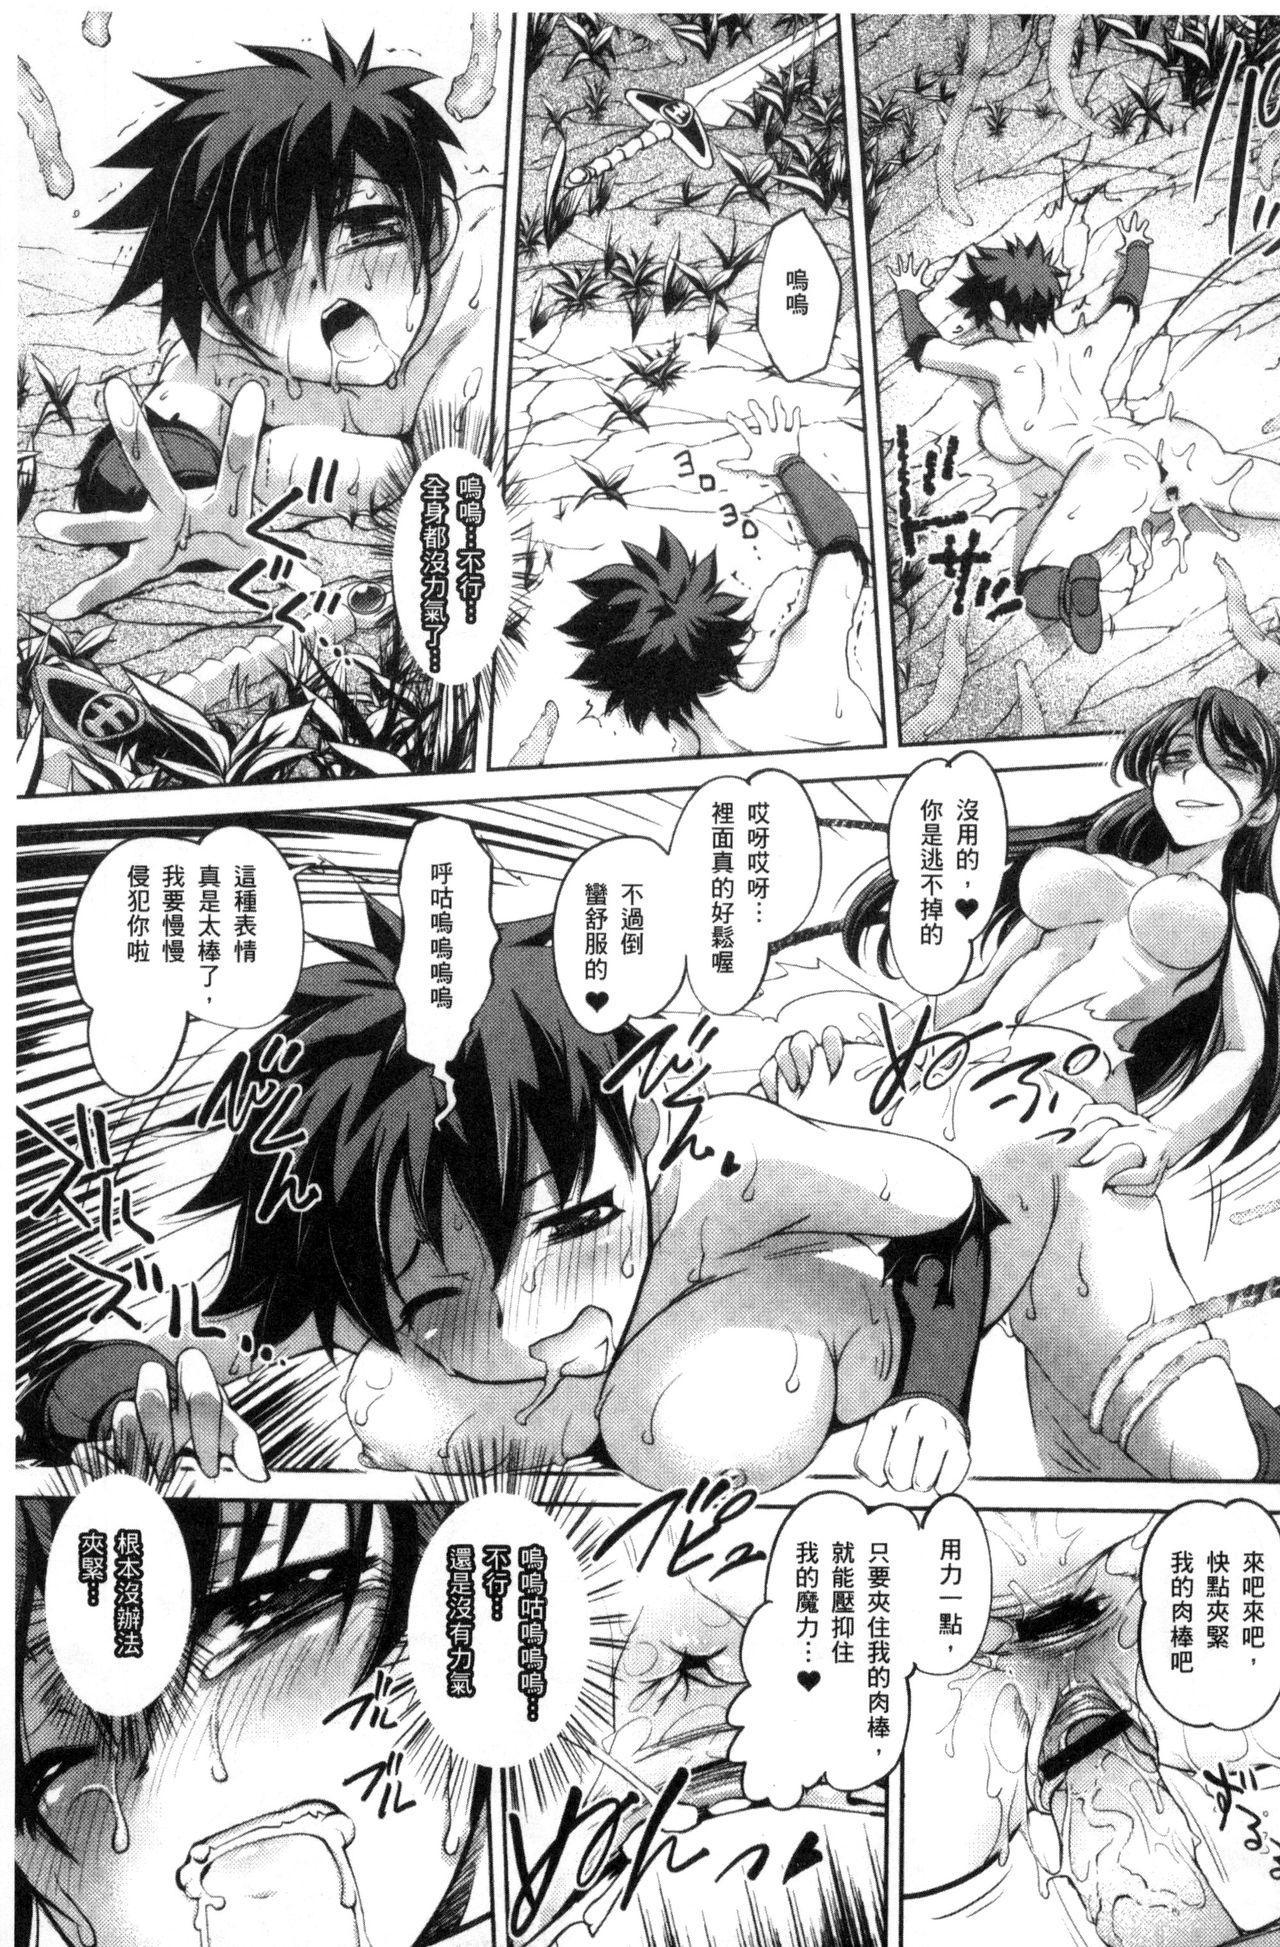 Nyotaika Ouji to Okotasare Hime 193